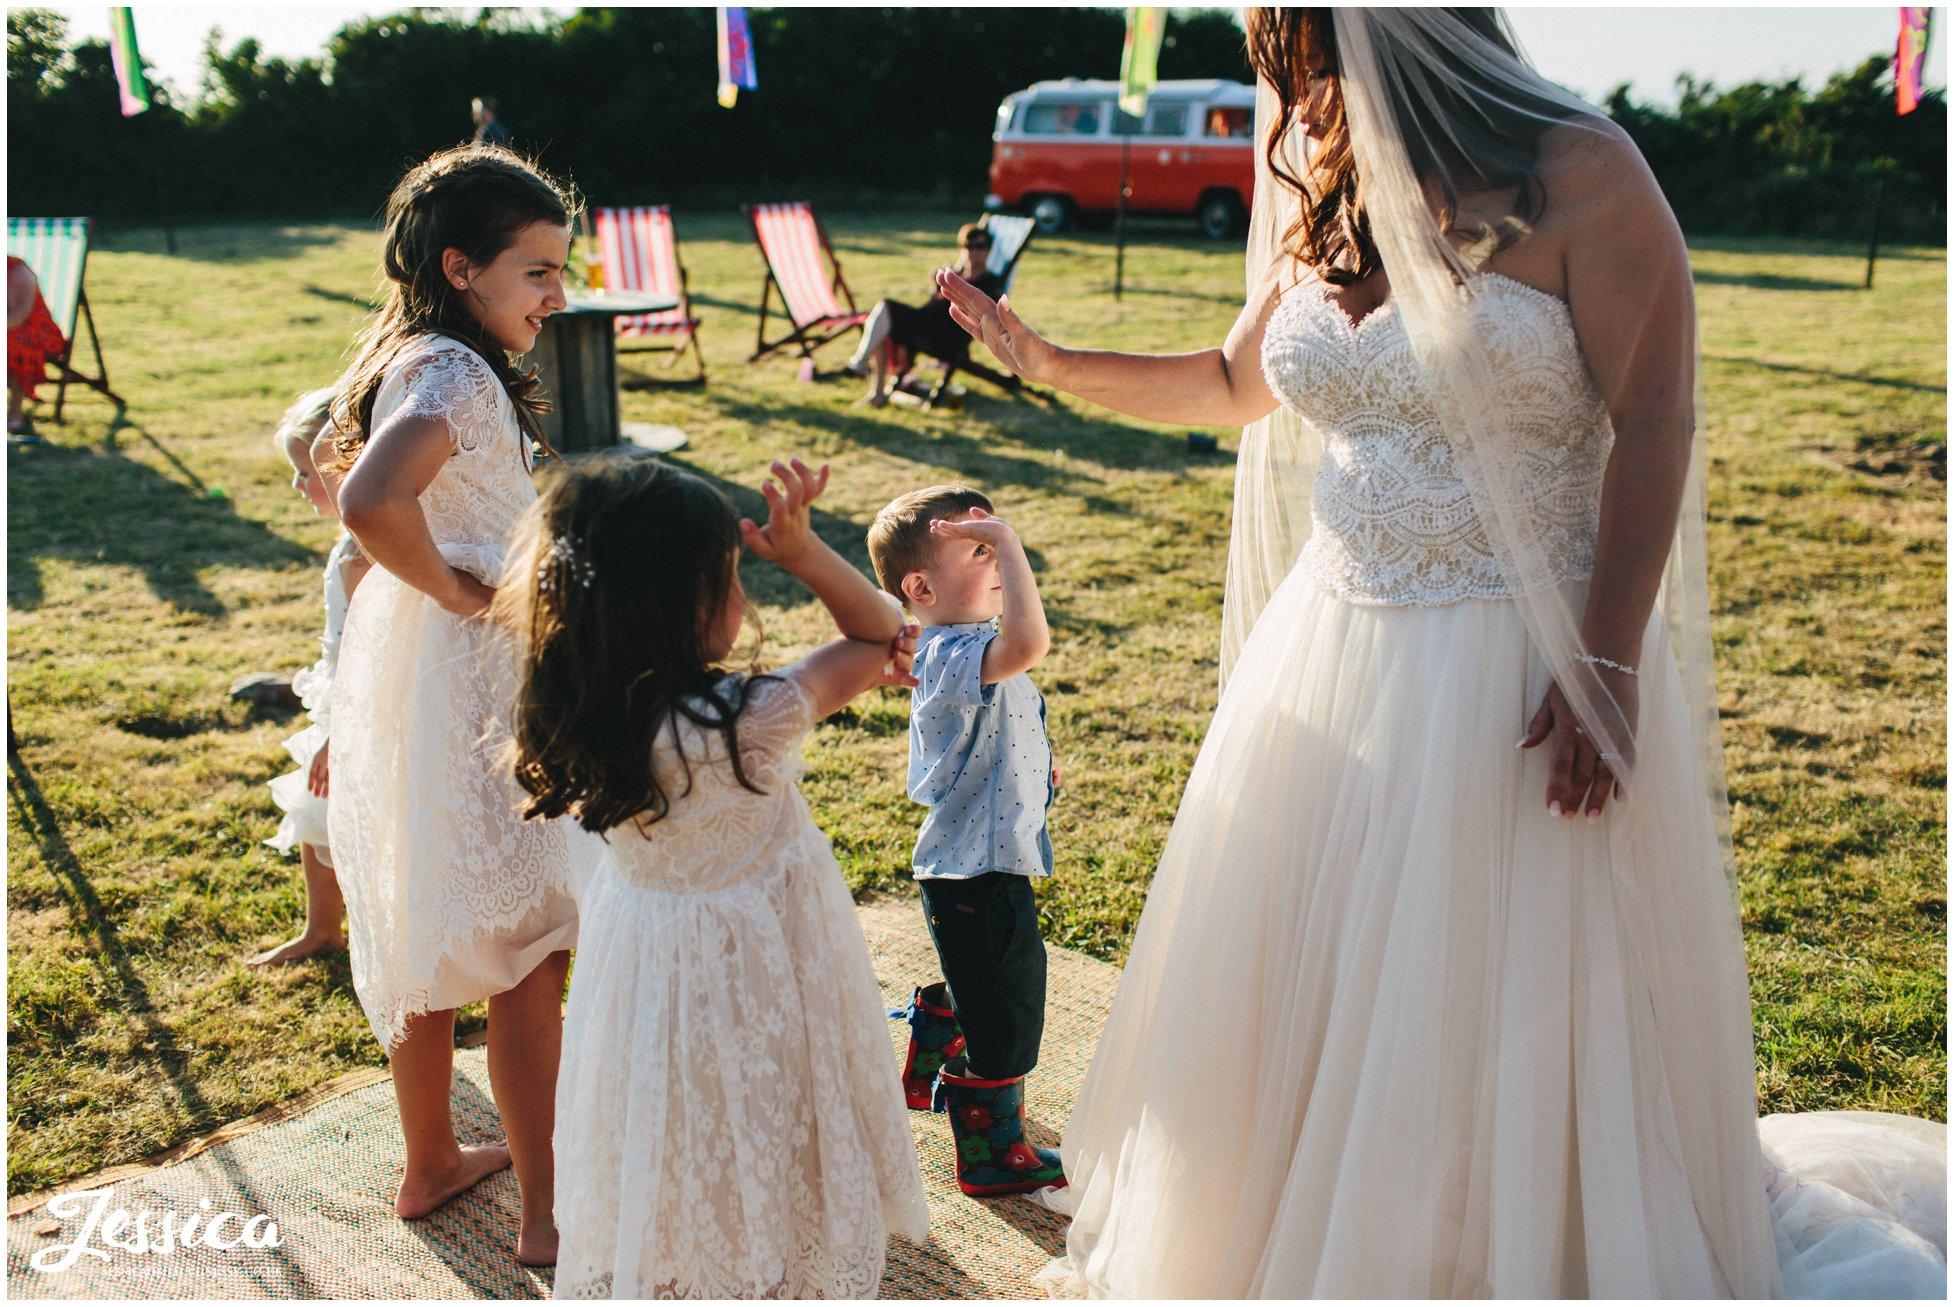 children high 5 the bride at her Caernarfon wedding